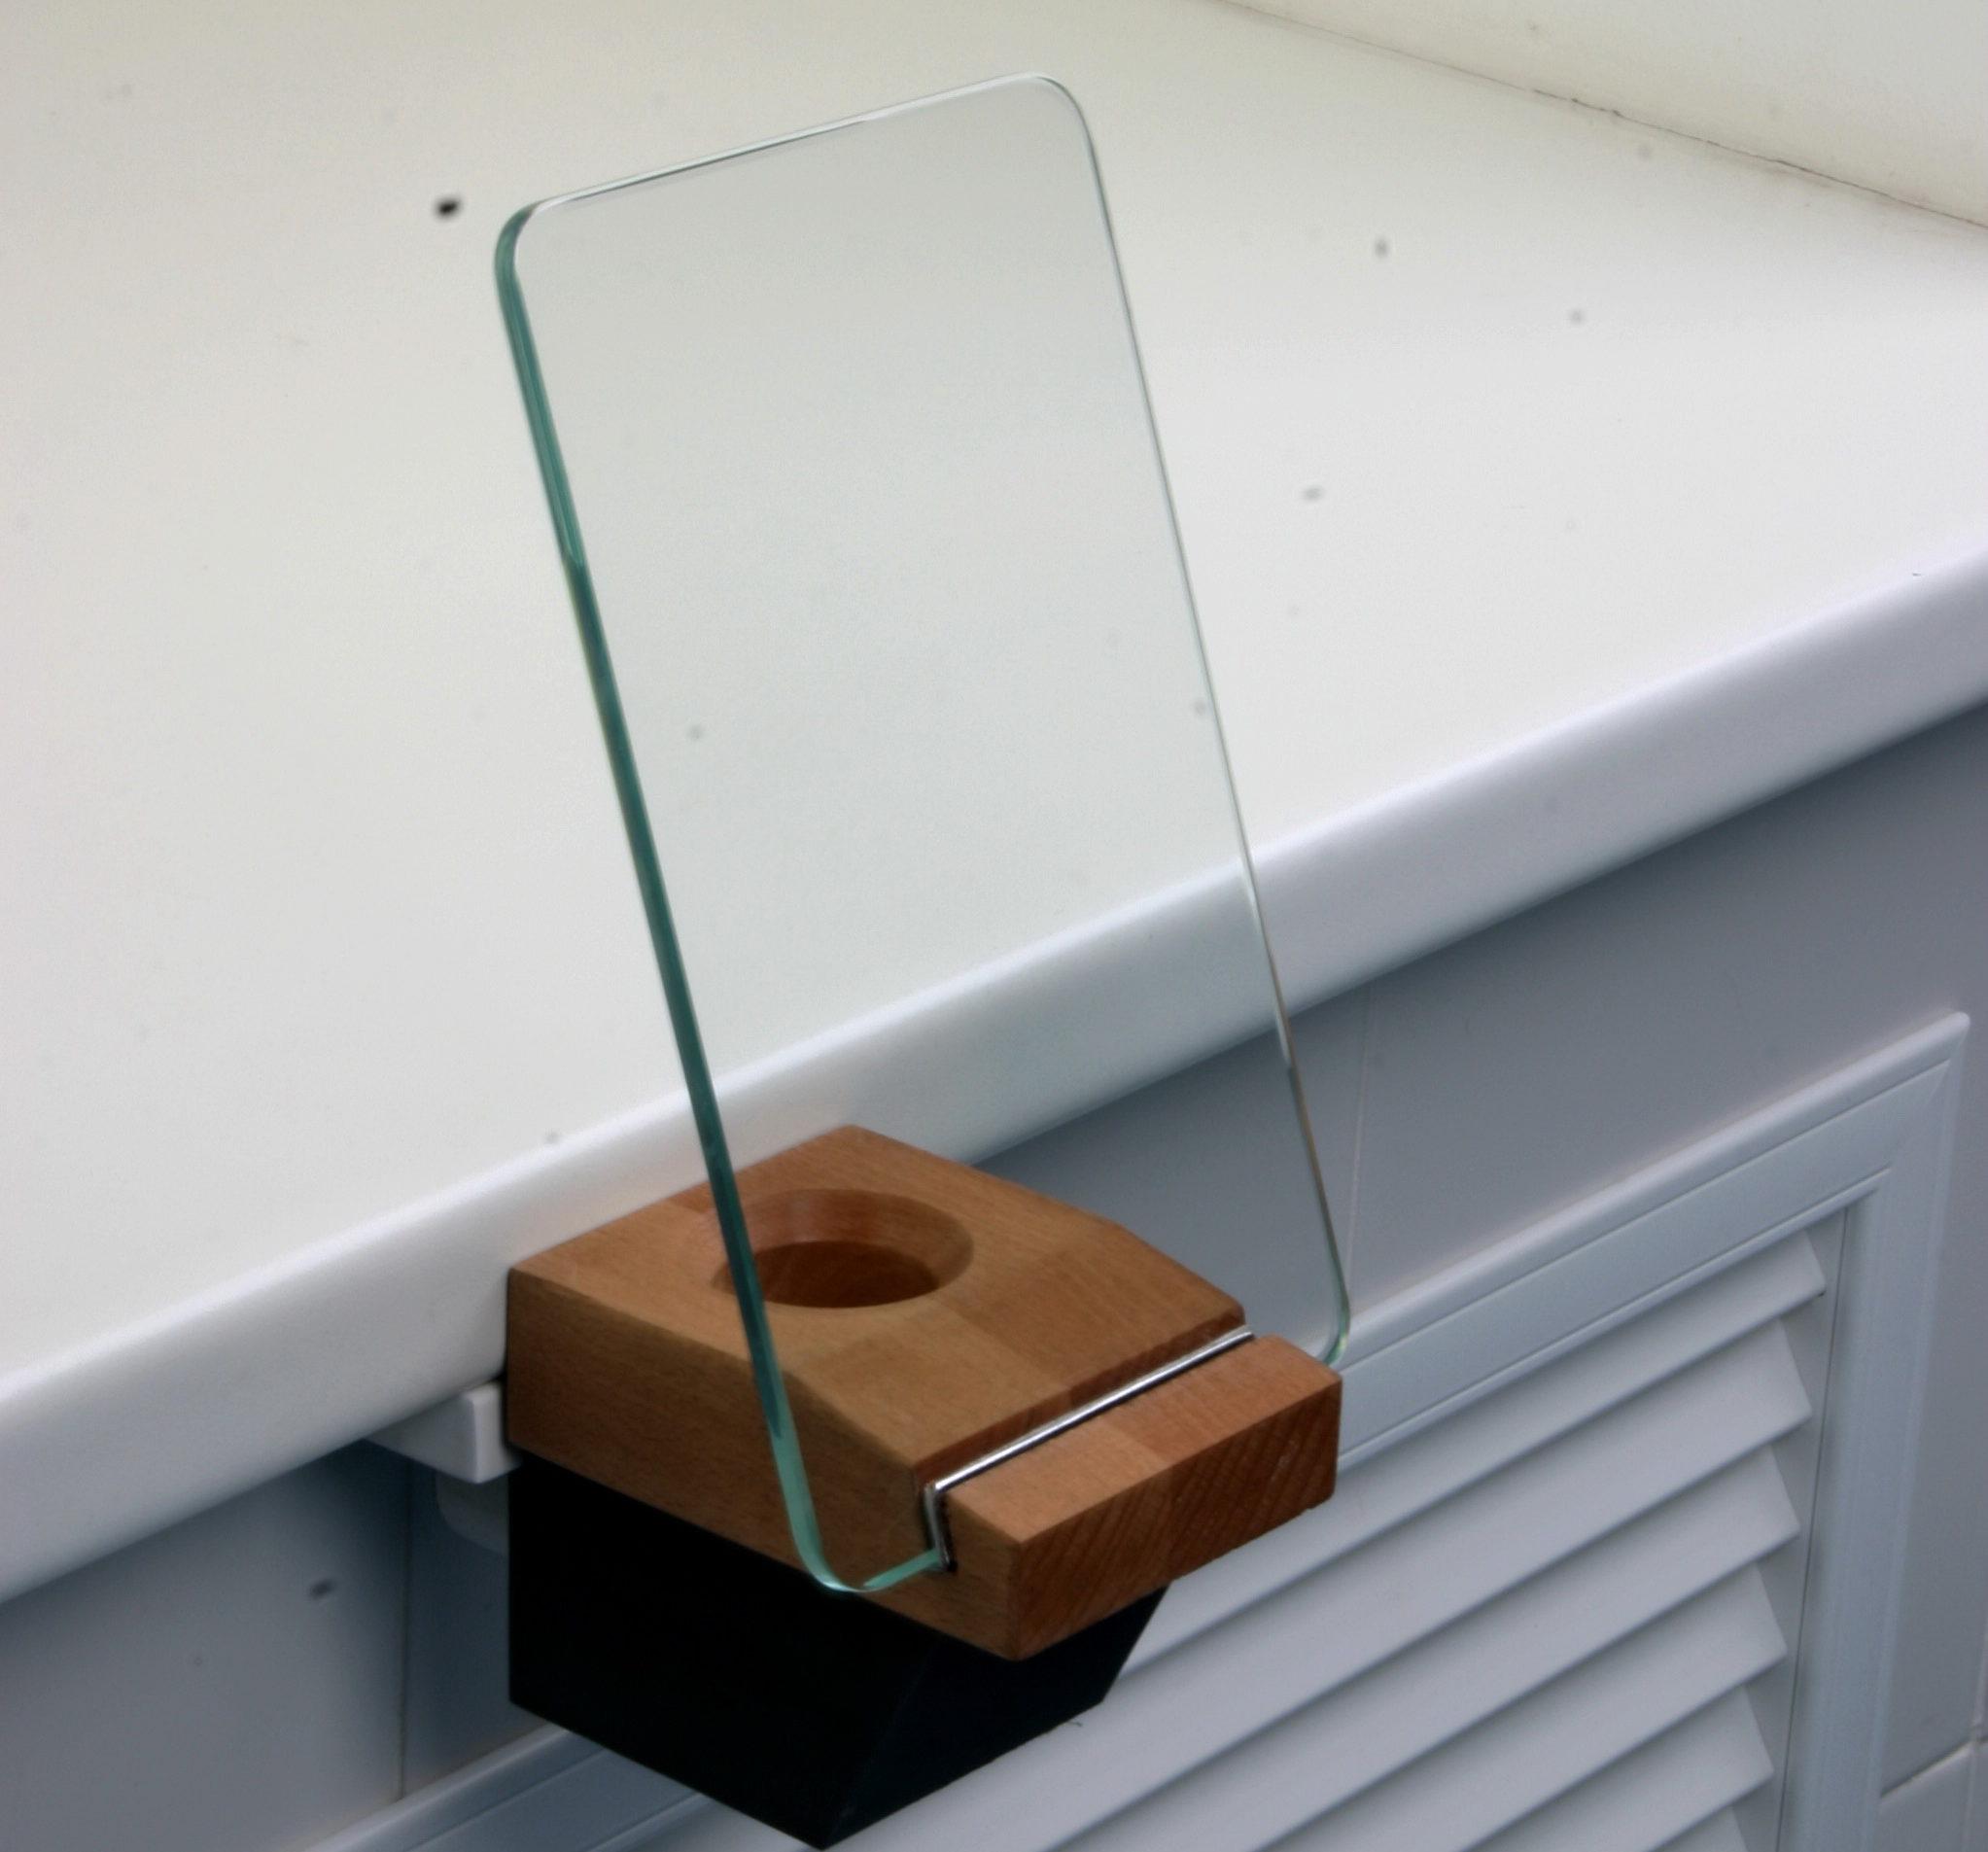 Cьемный финагель с защитным стеклом — экраном